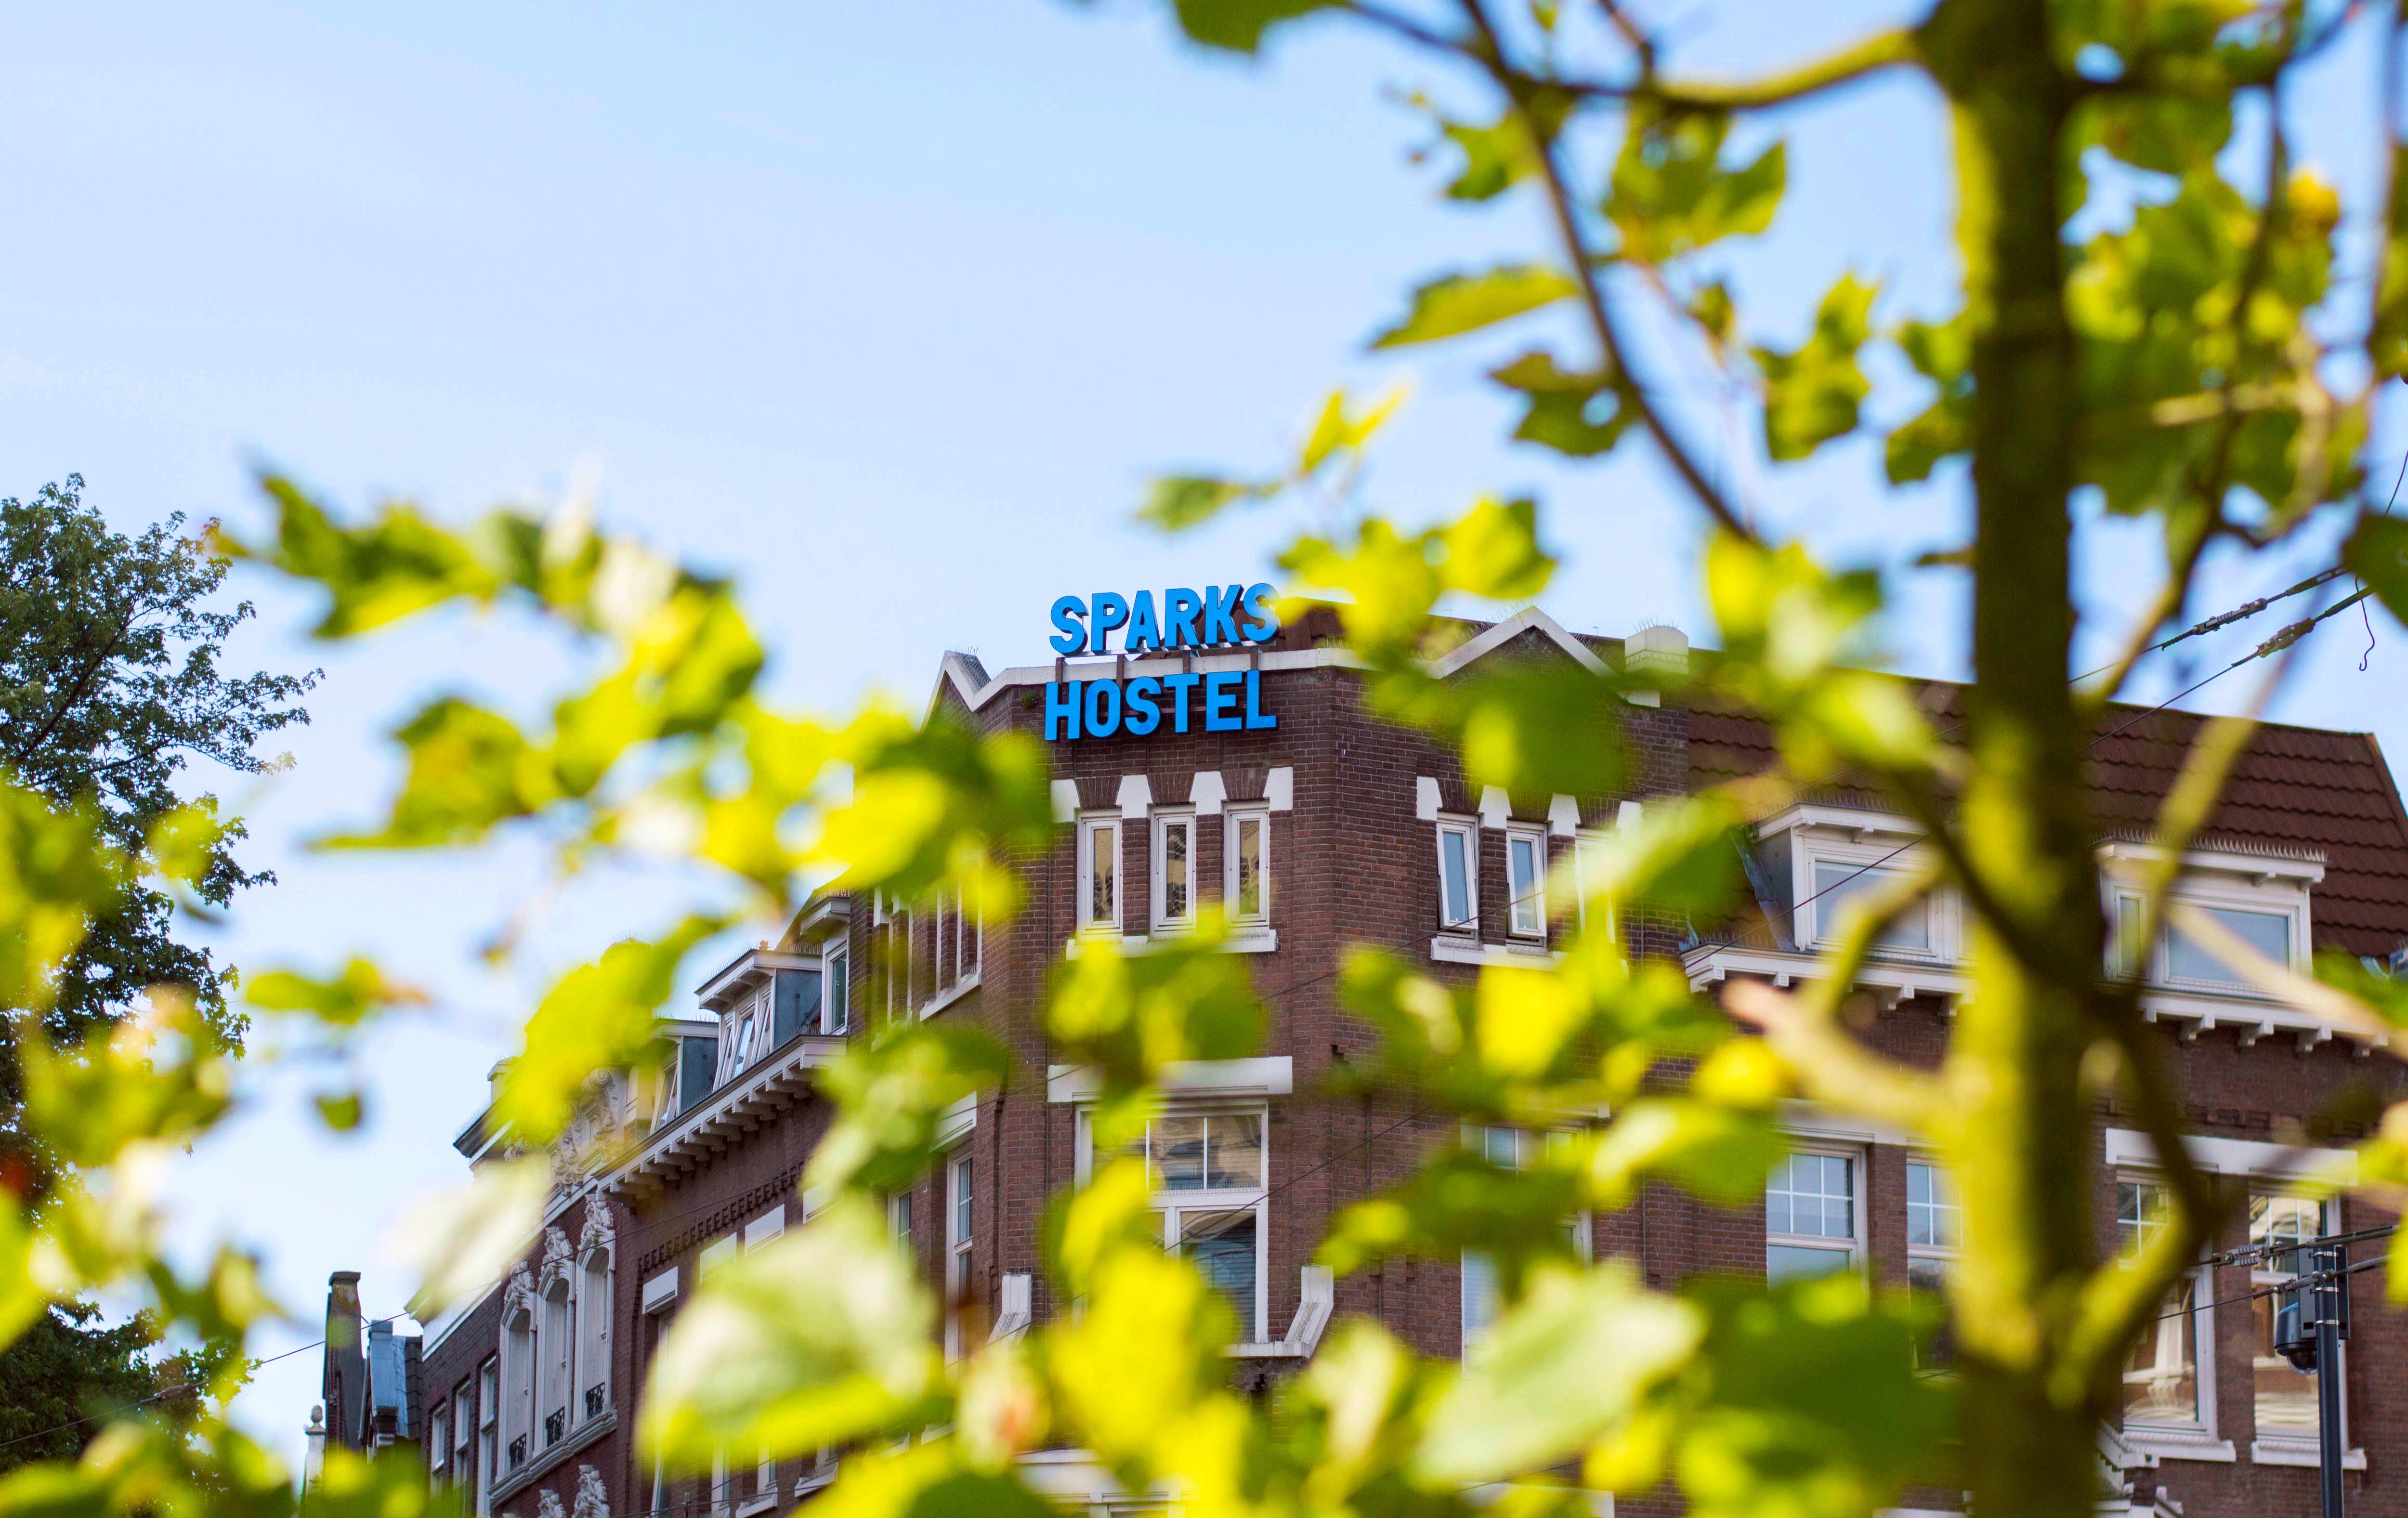 HOSTEL - Sparks Hostel